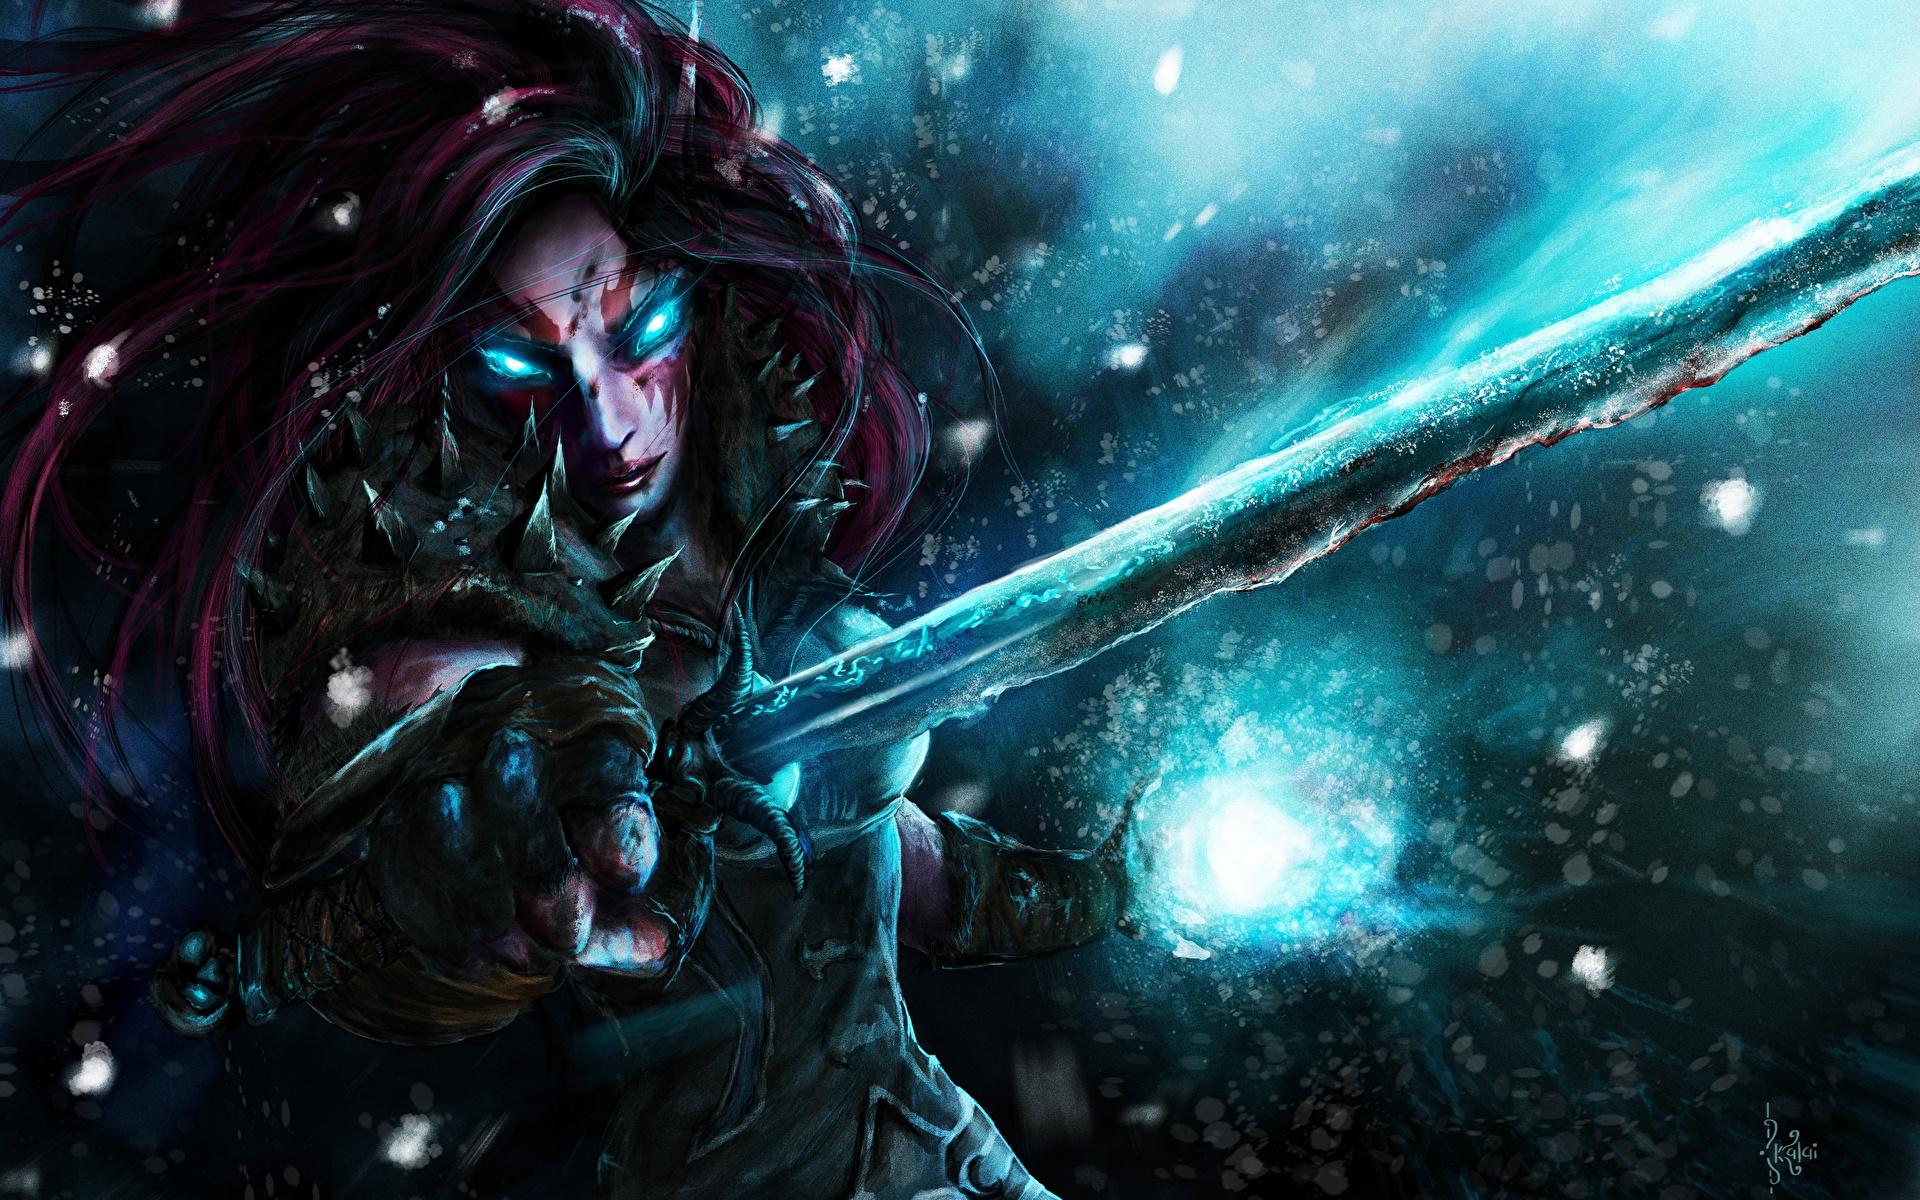 Фантастика меч без смс